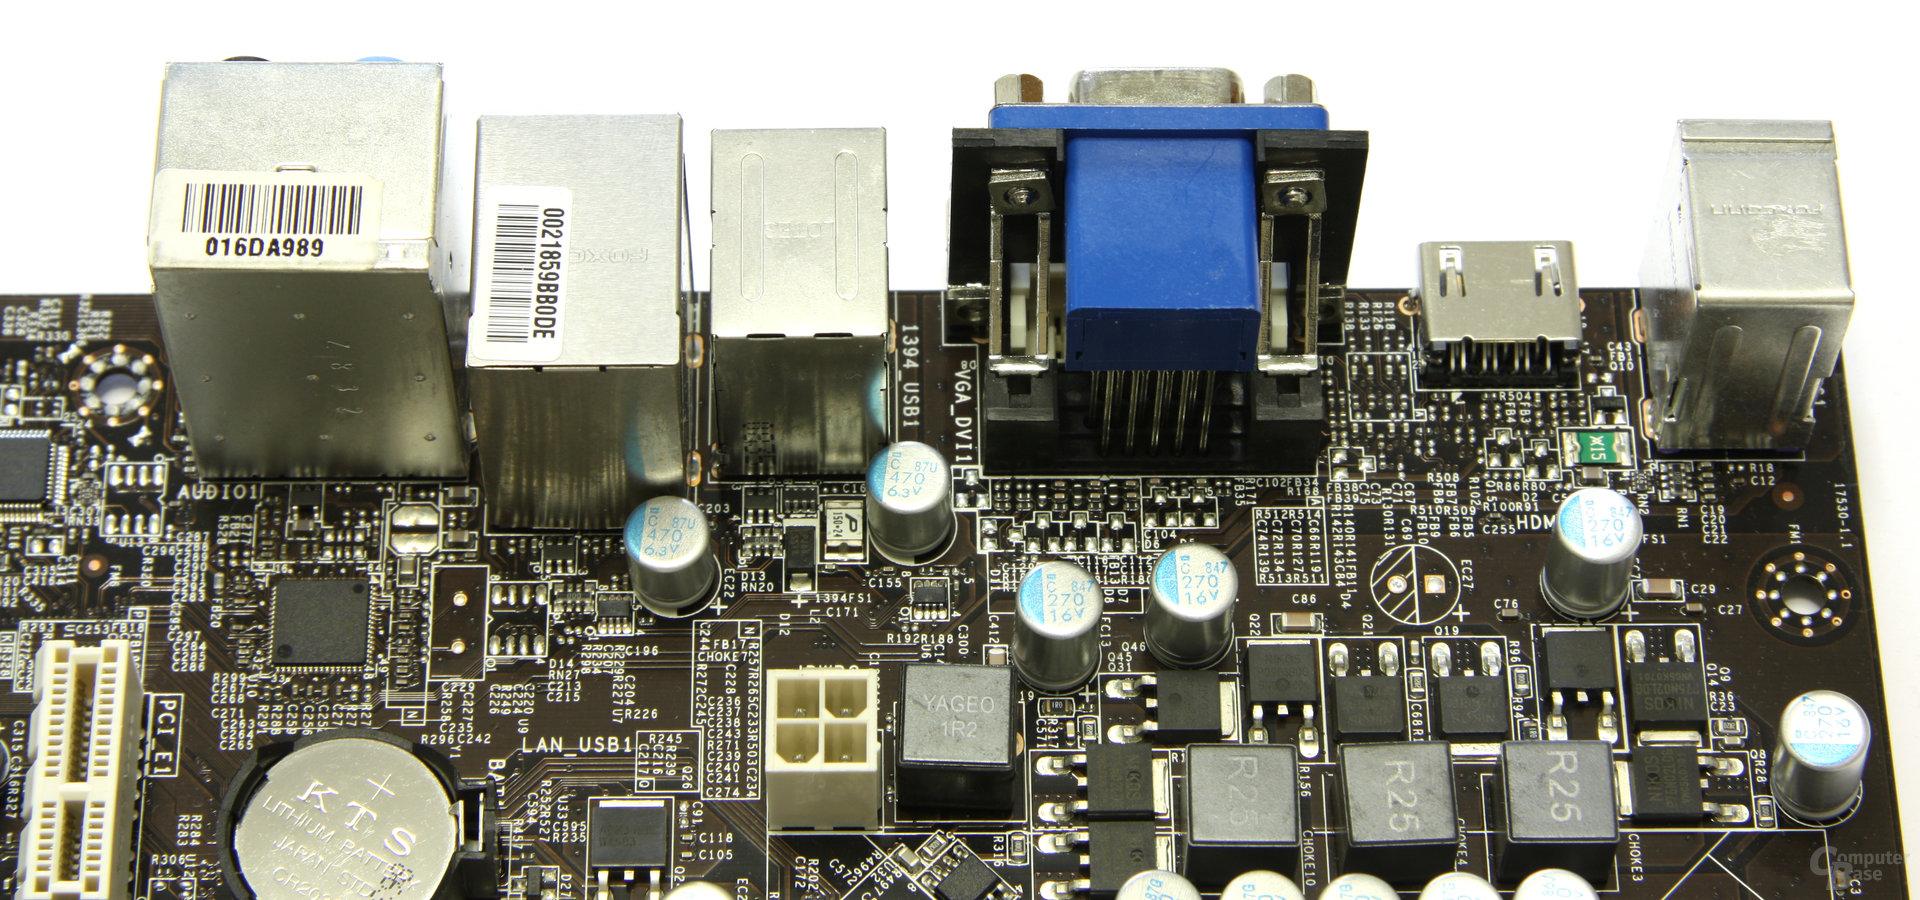 MSI P7NGM-Digital Anschlüsse von oben